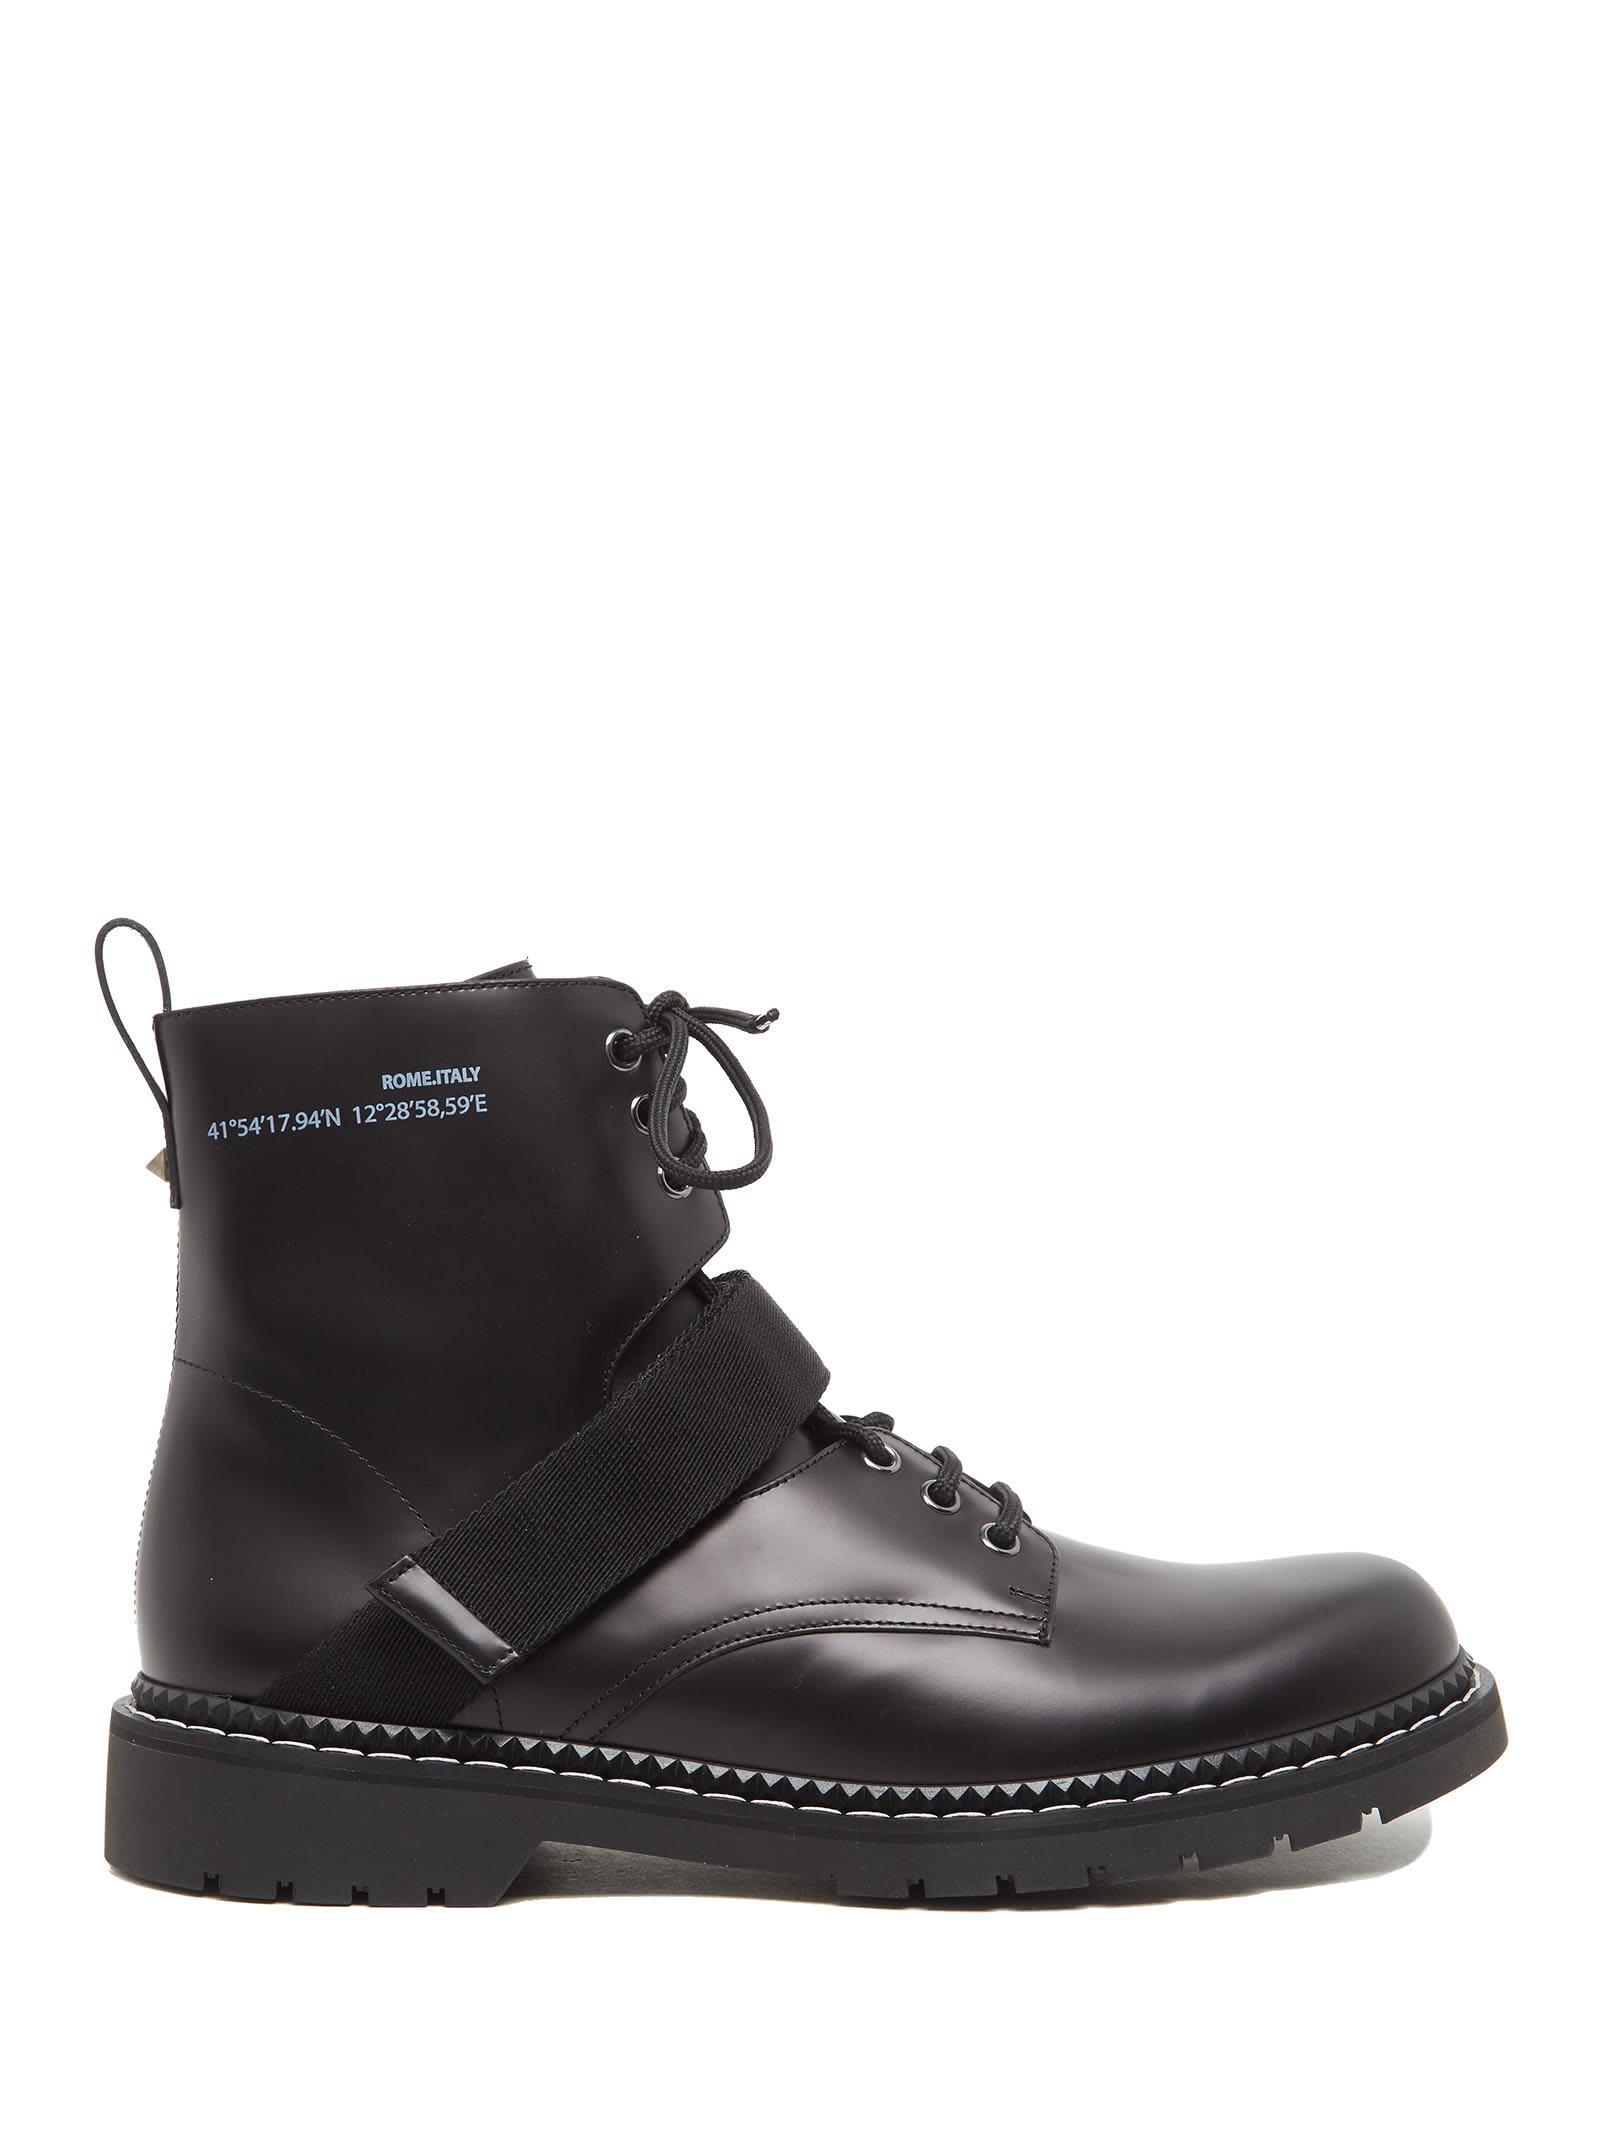 Valentino Garavani Always Shoes 10621383